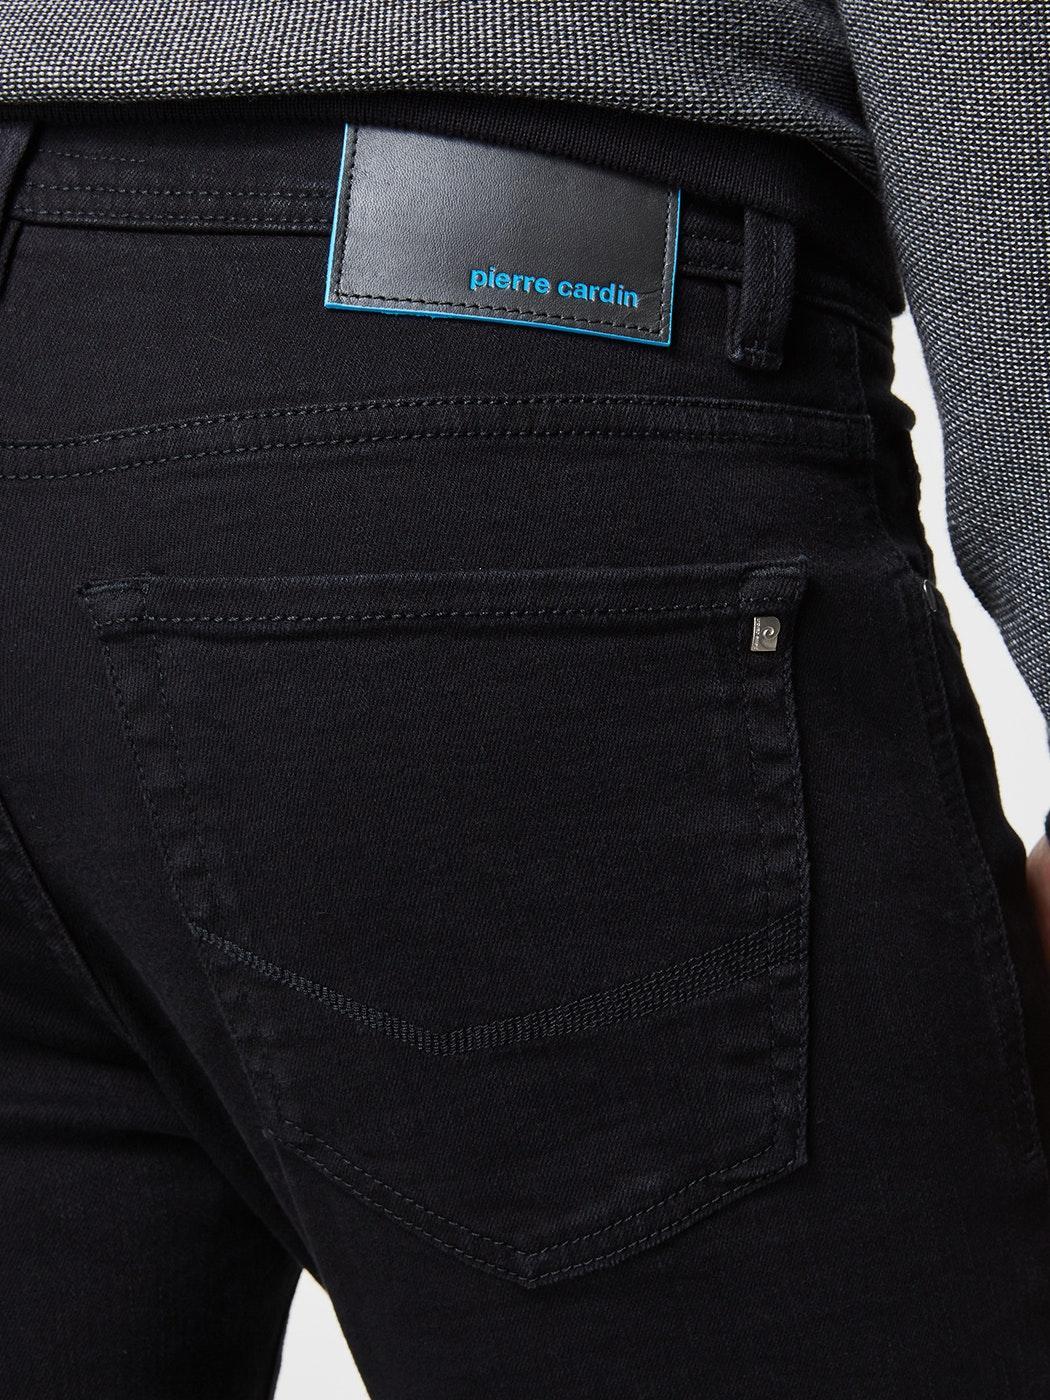 Pierre Cardin Jeans Lyon tapered